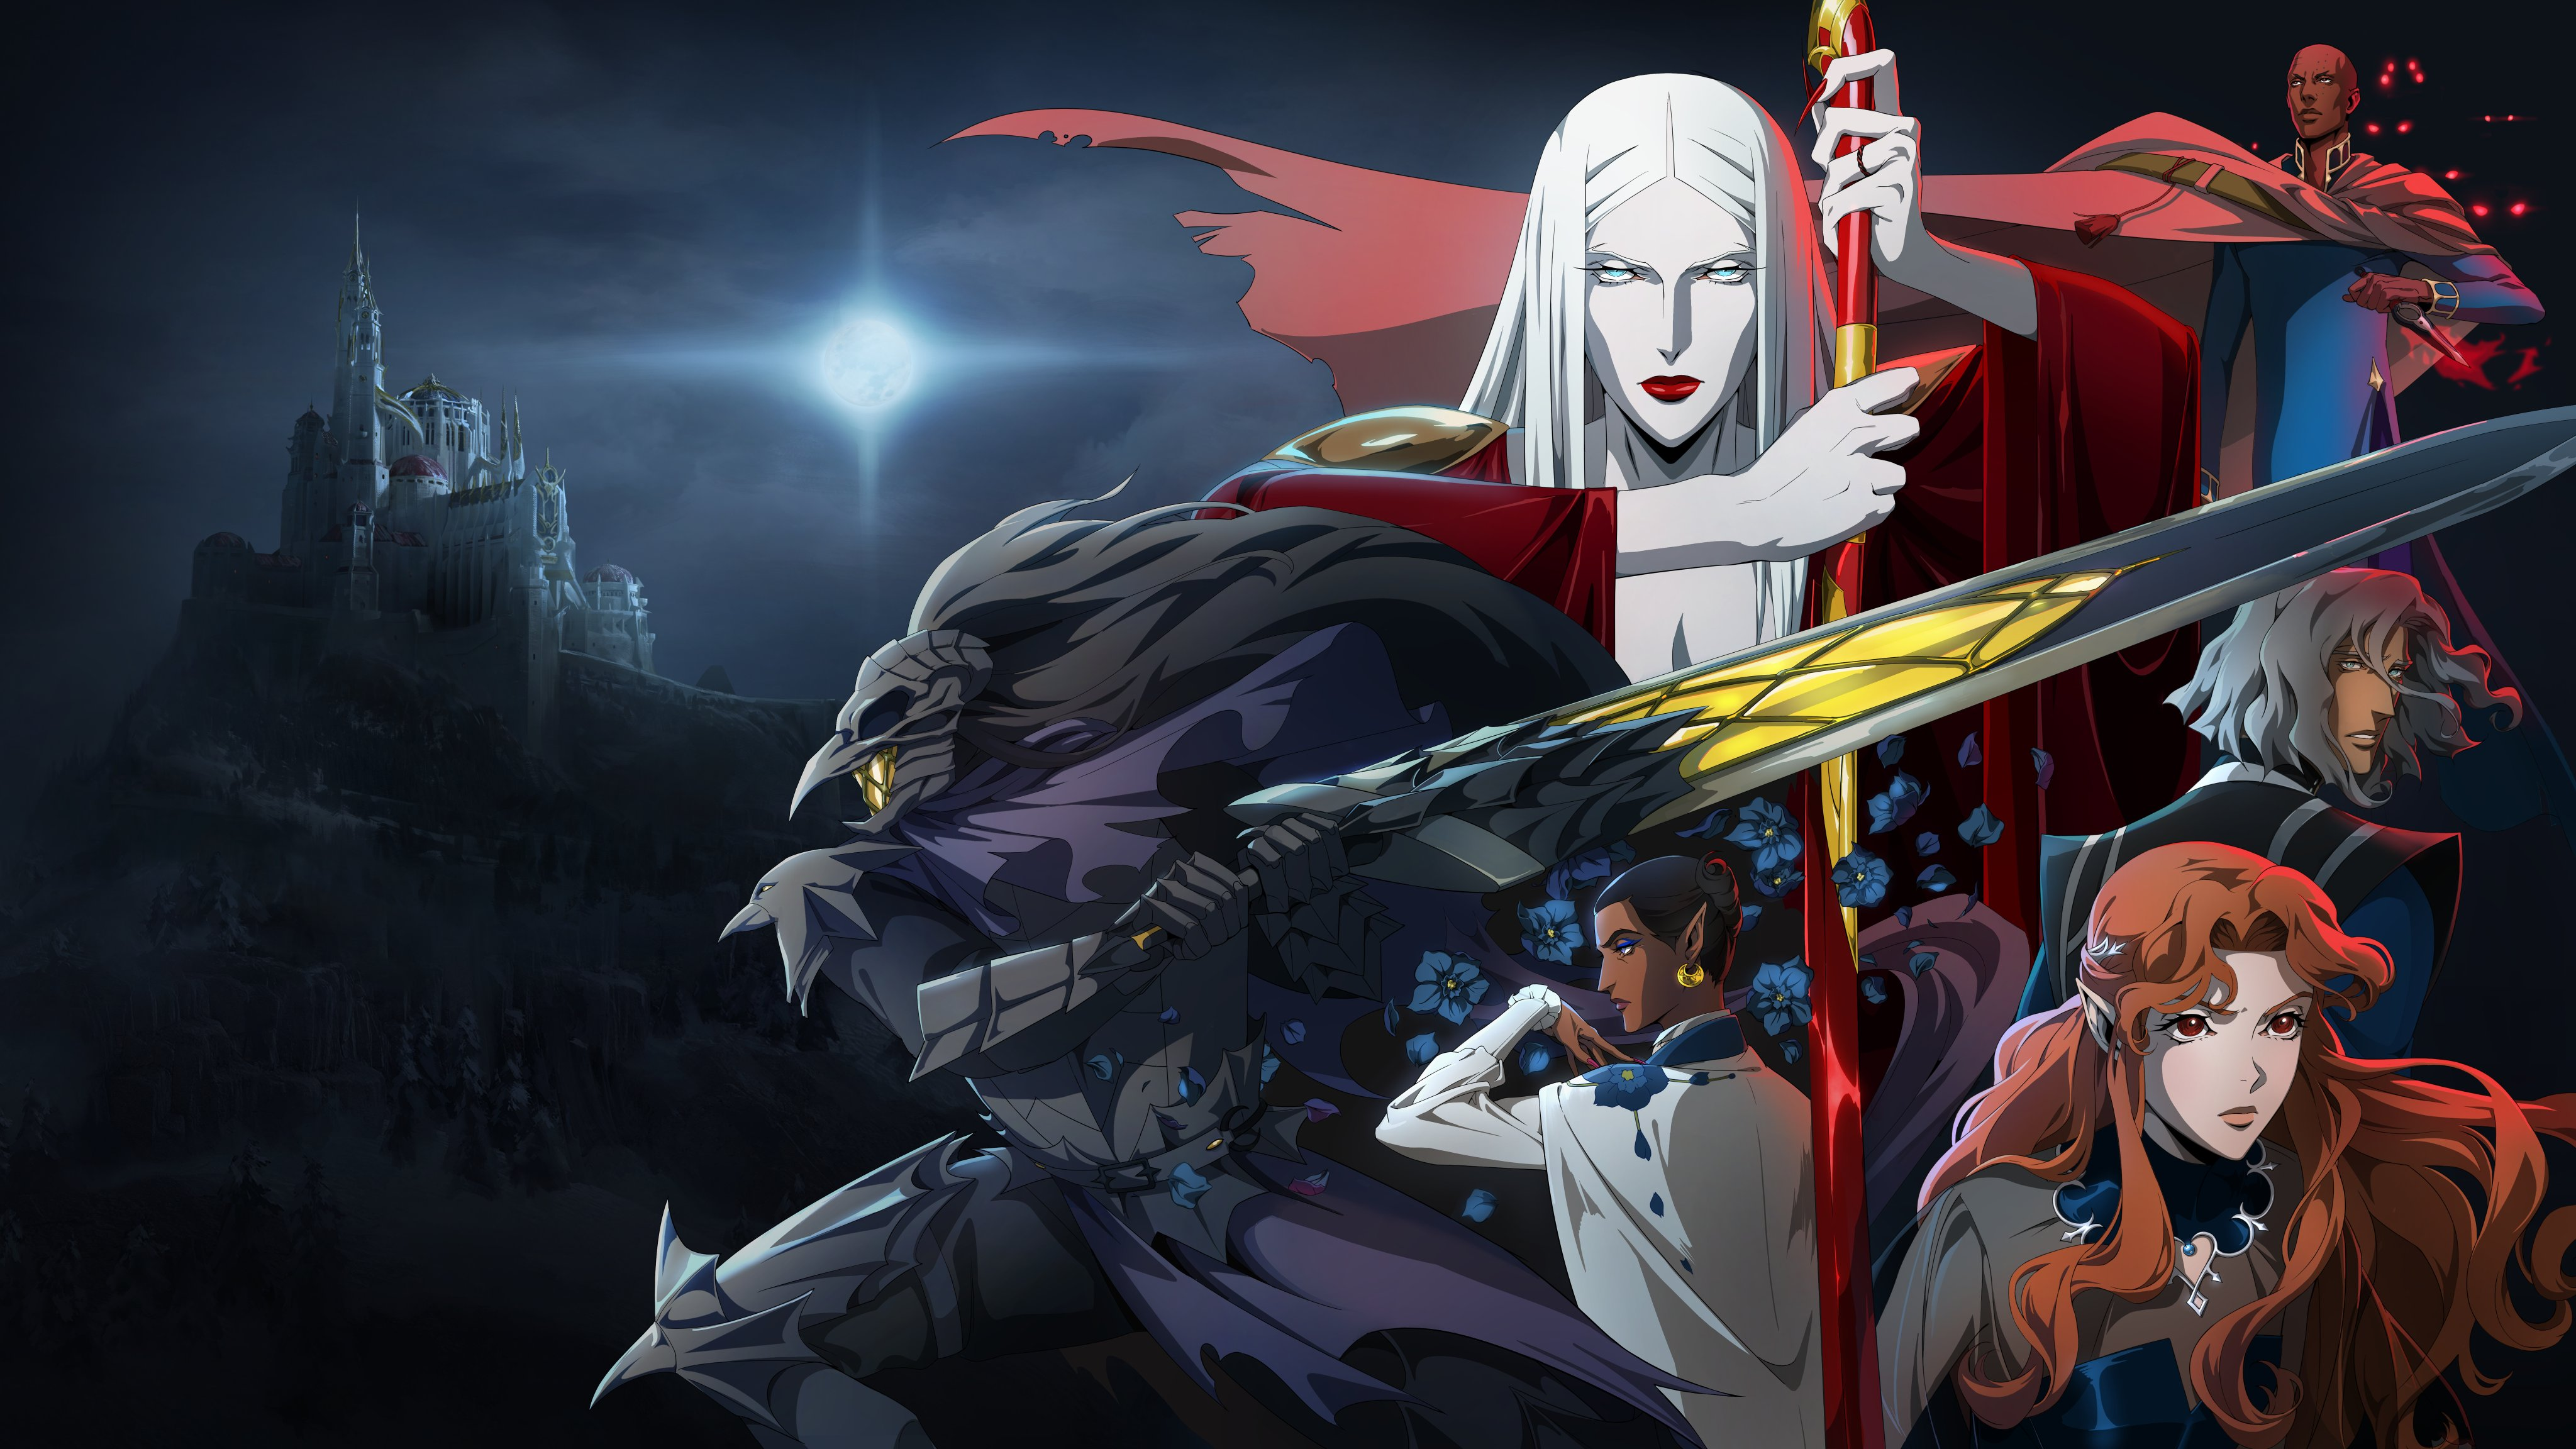 Castlevania revela novo pôster para a campanha publicitária da quarta temporada 1